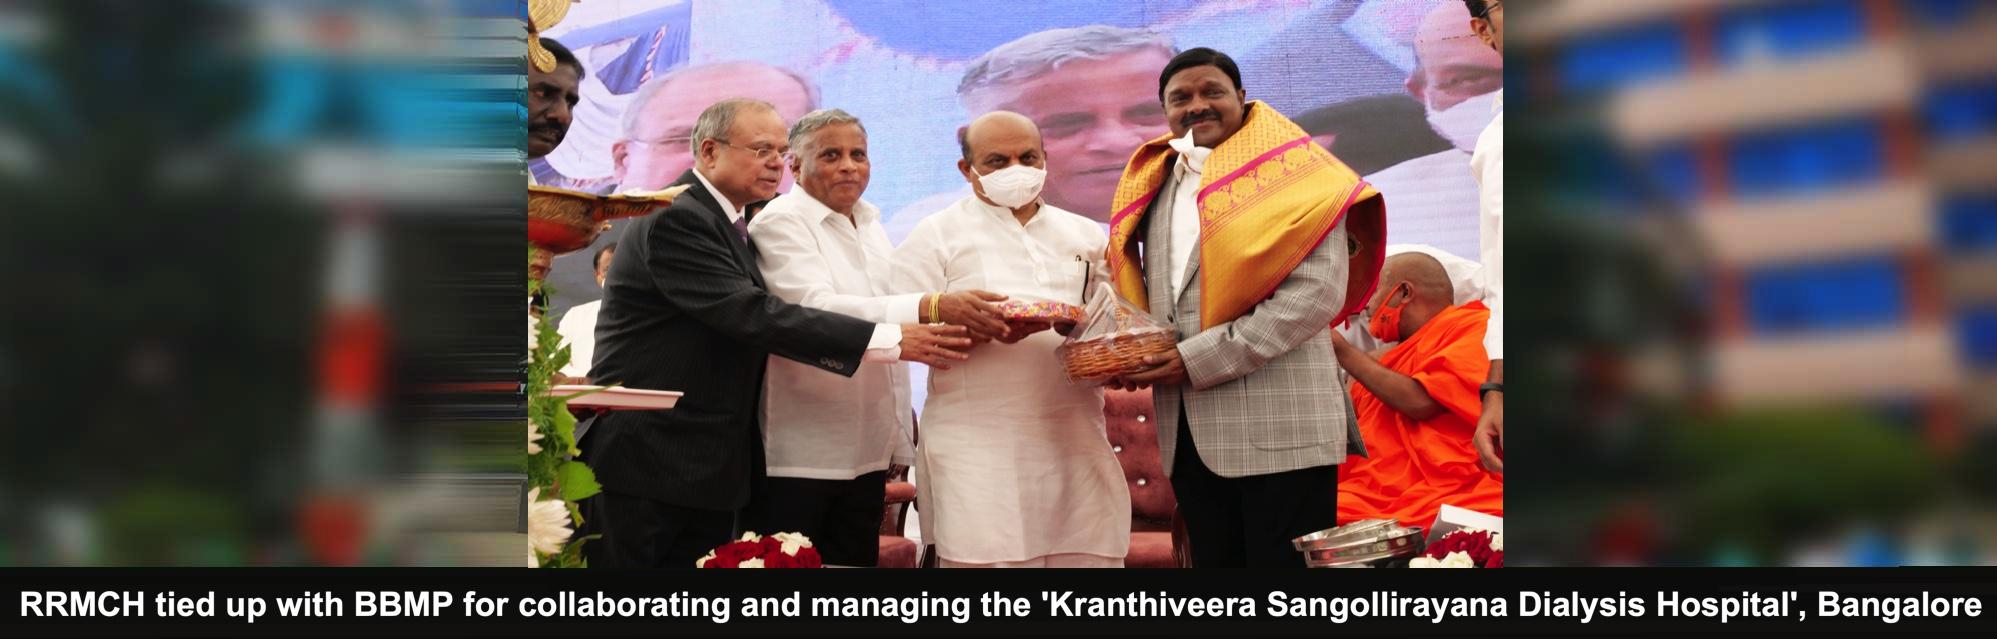 Kranthiveera